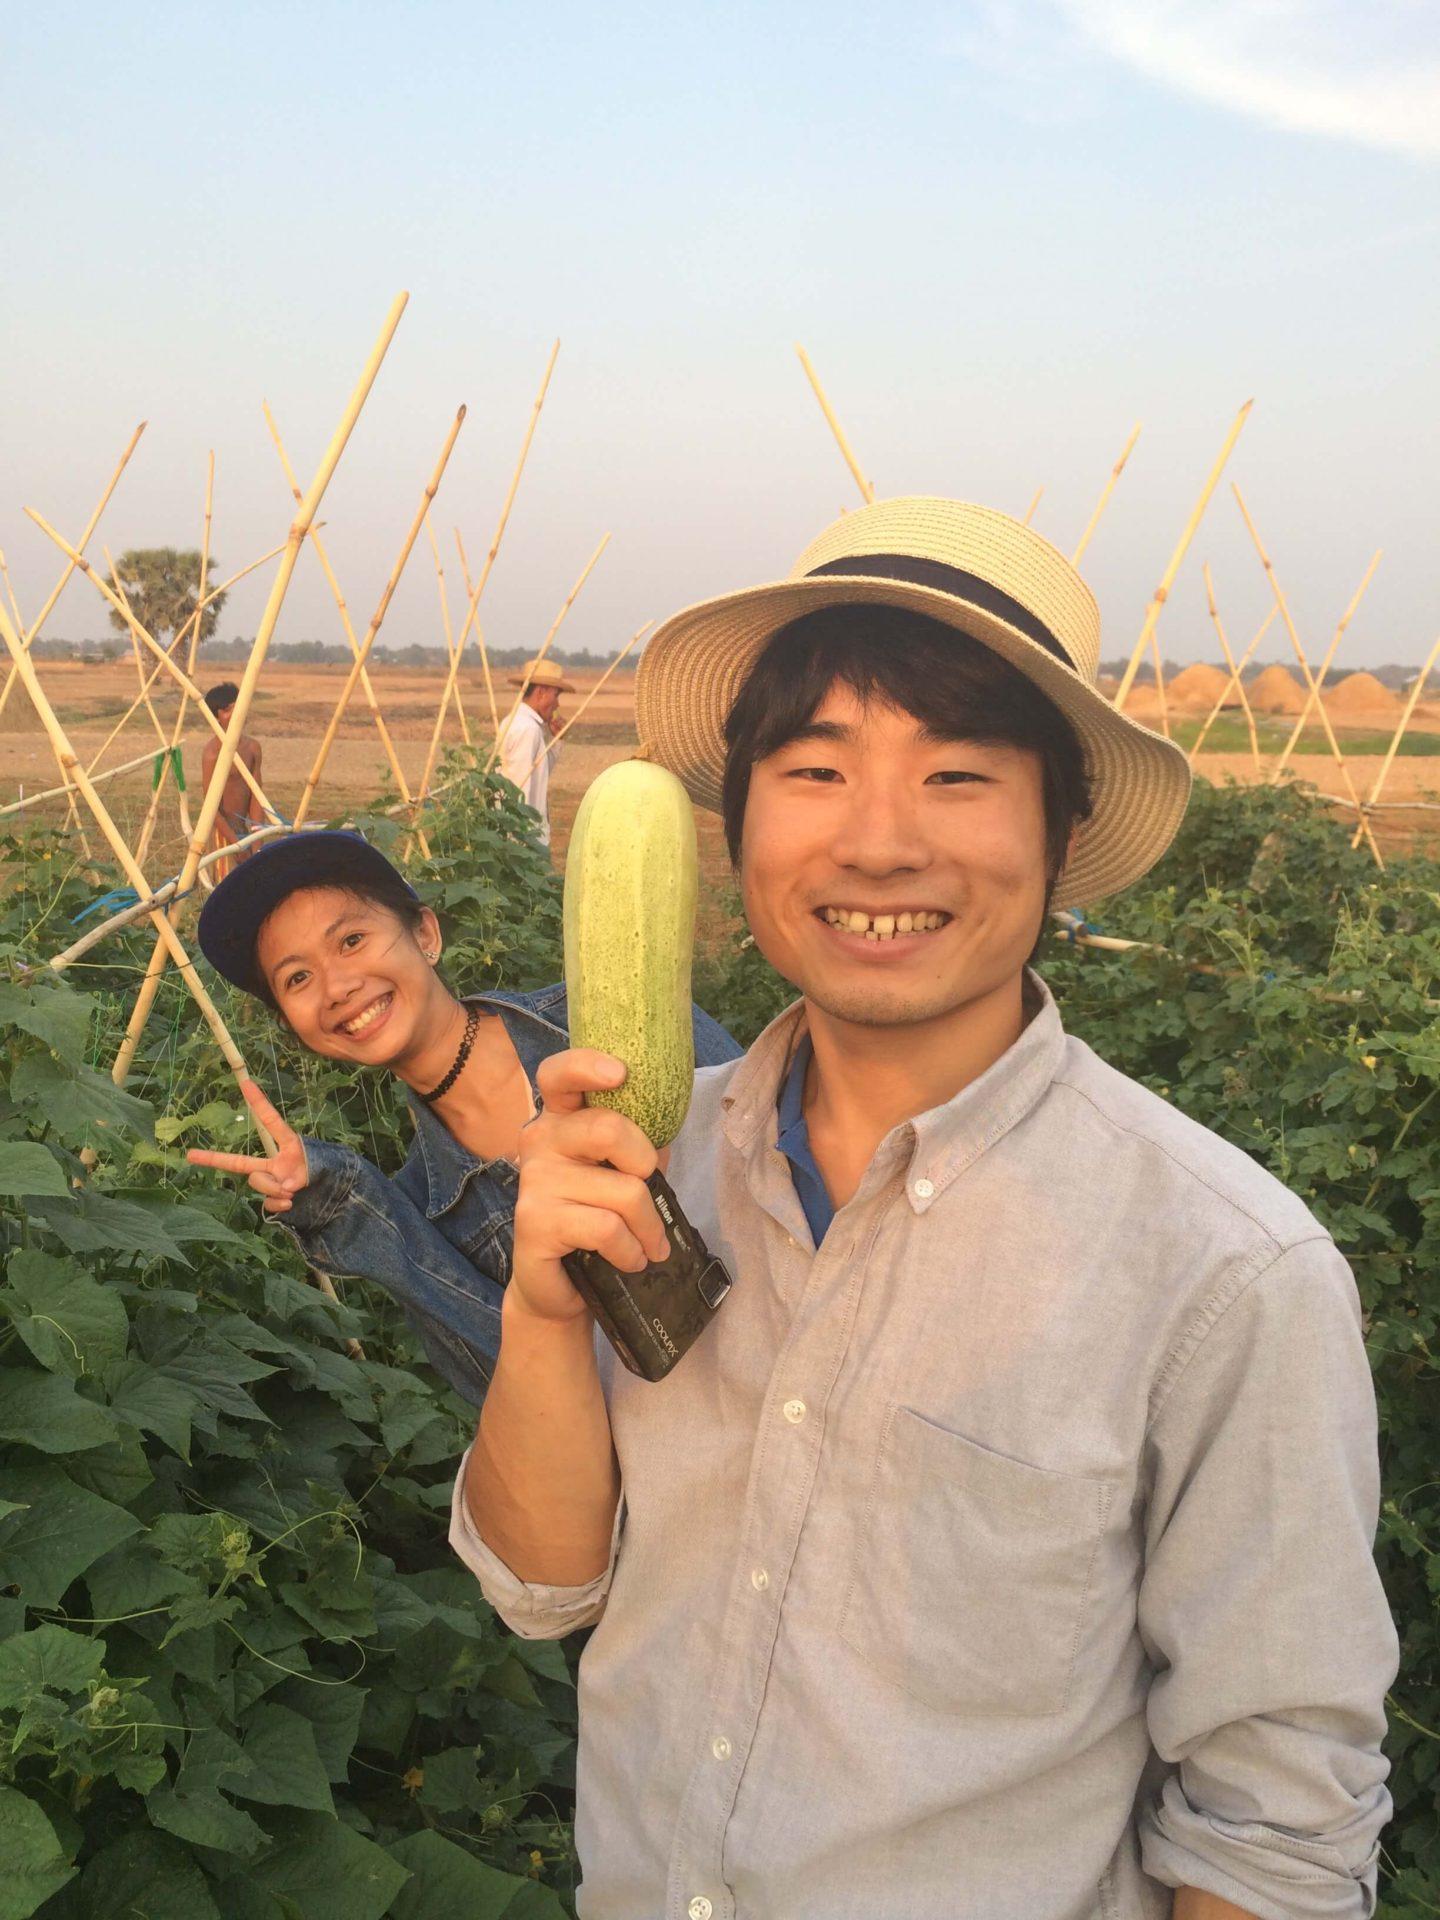 カンボジアの畑は遠くまで見通せる広い場所でした